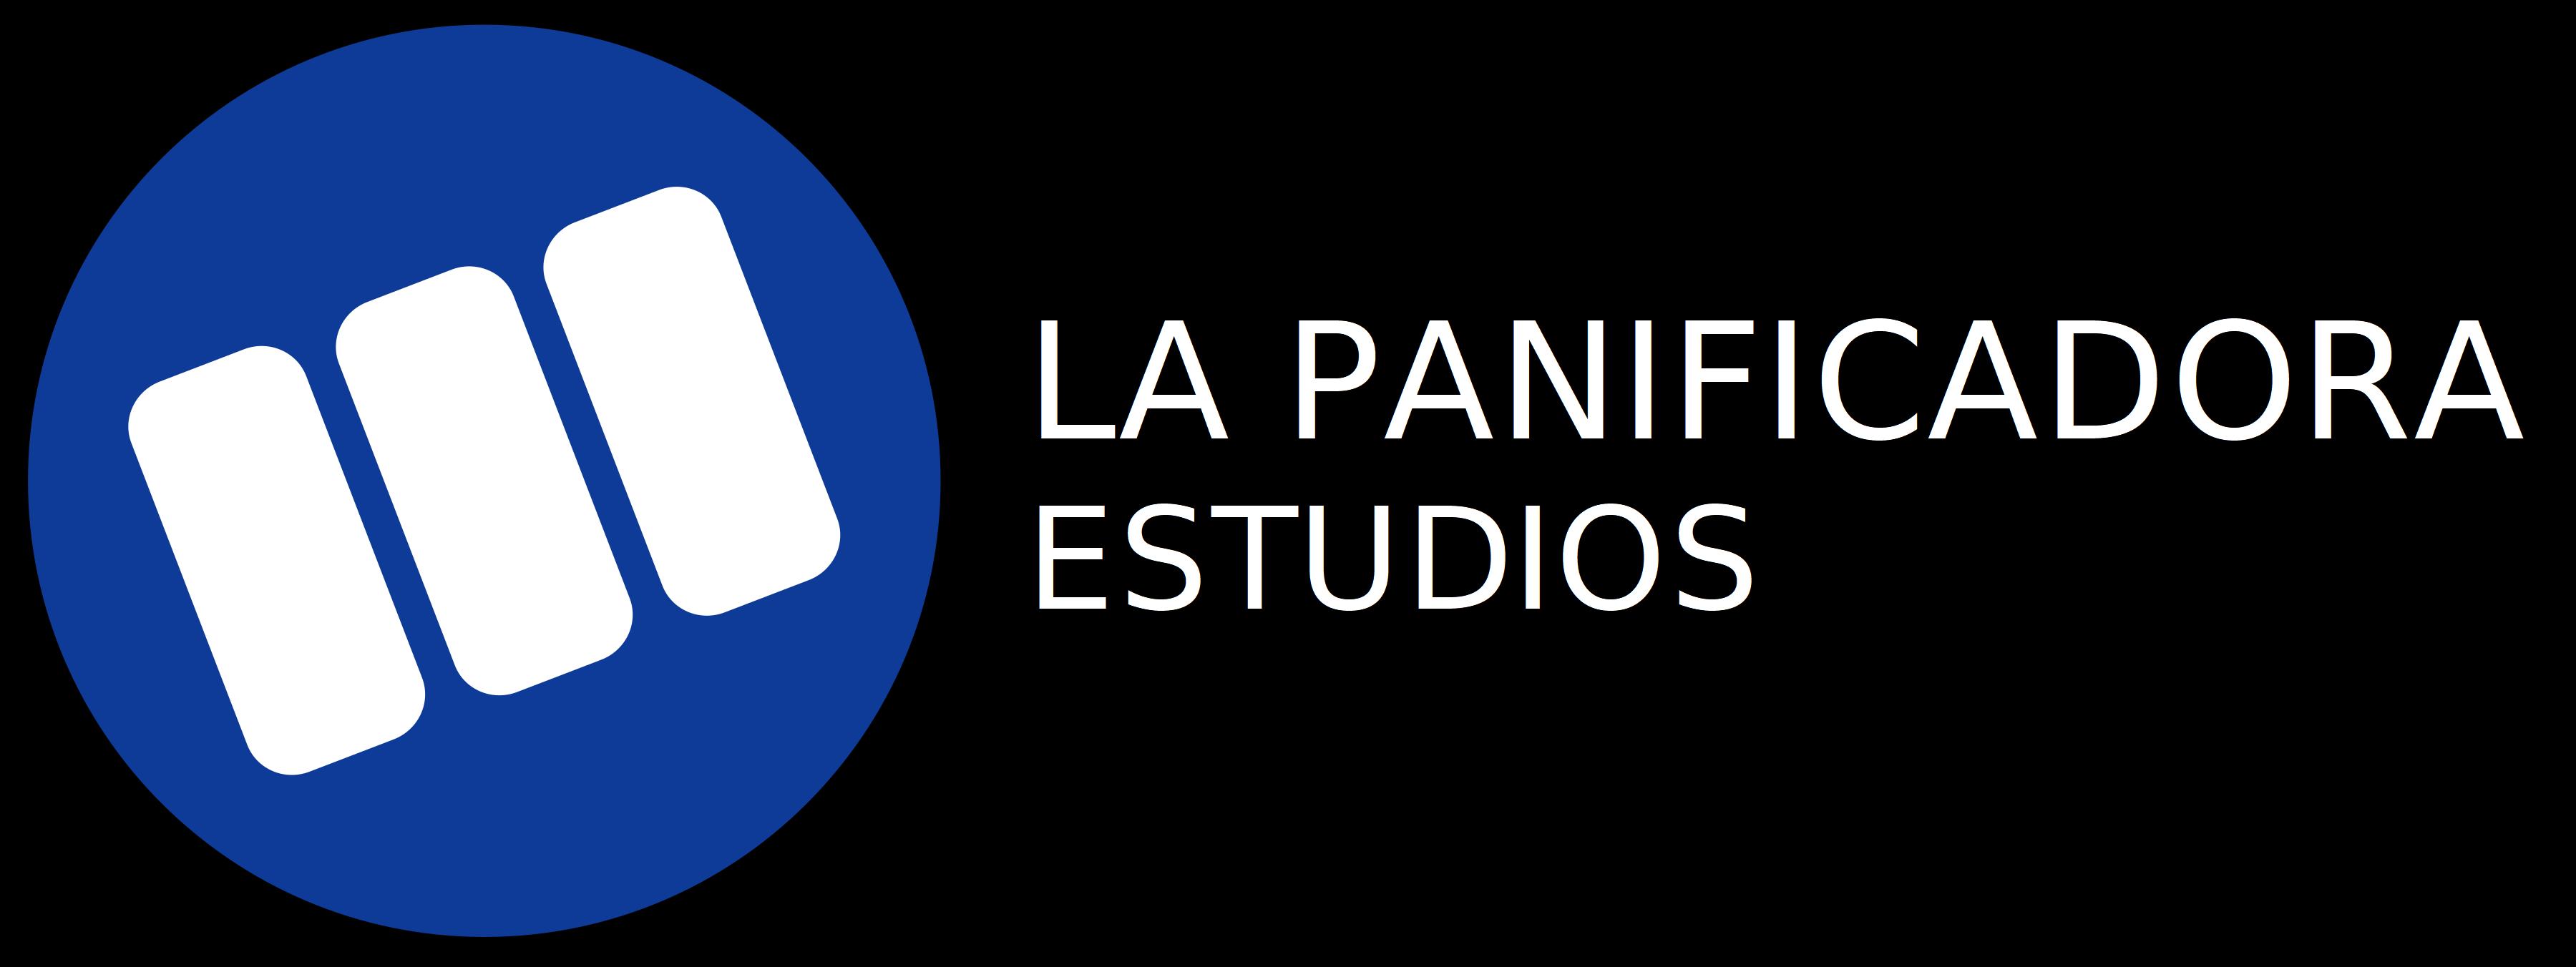 La Panificadora Estudios